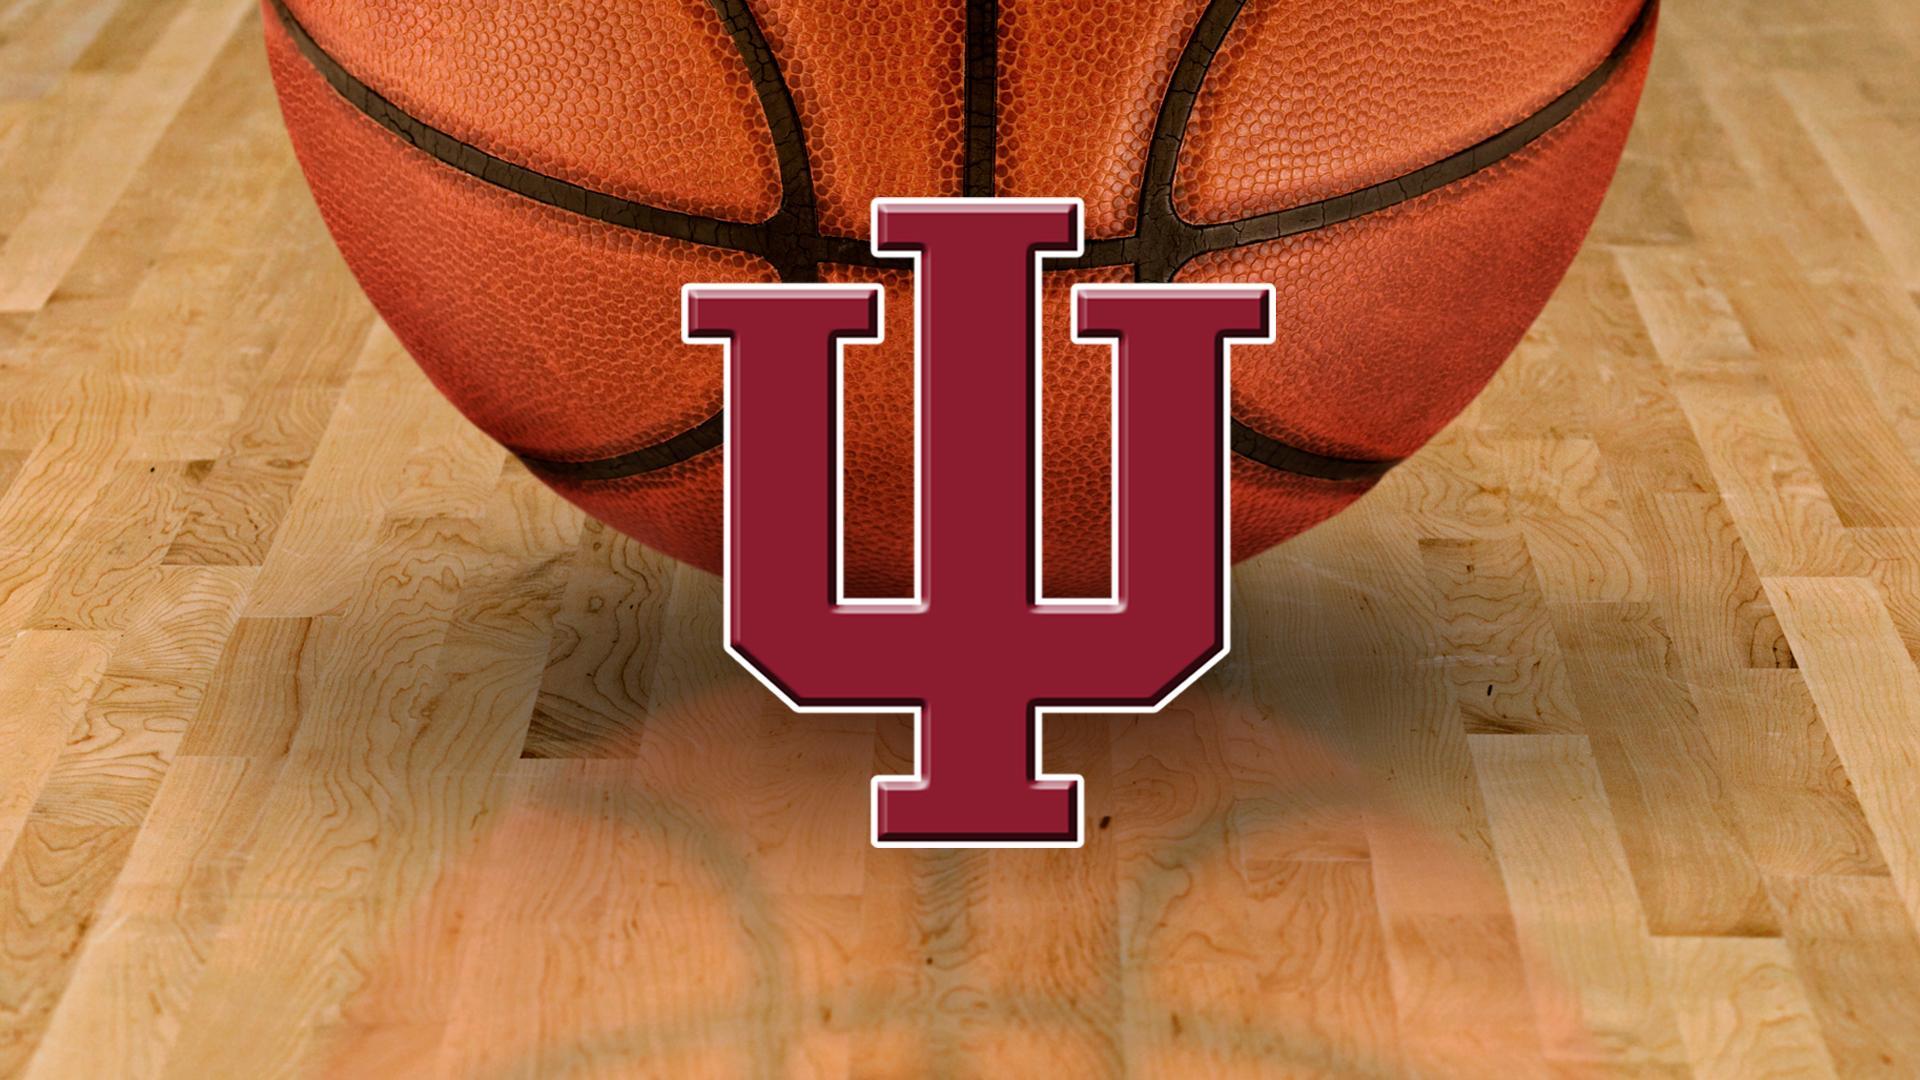 Iu Basketball Wallpaper - Basketball , HD Wallpaper & Backgrounds